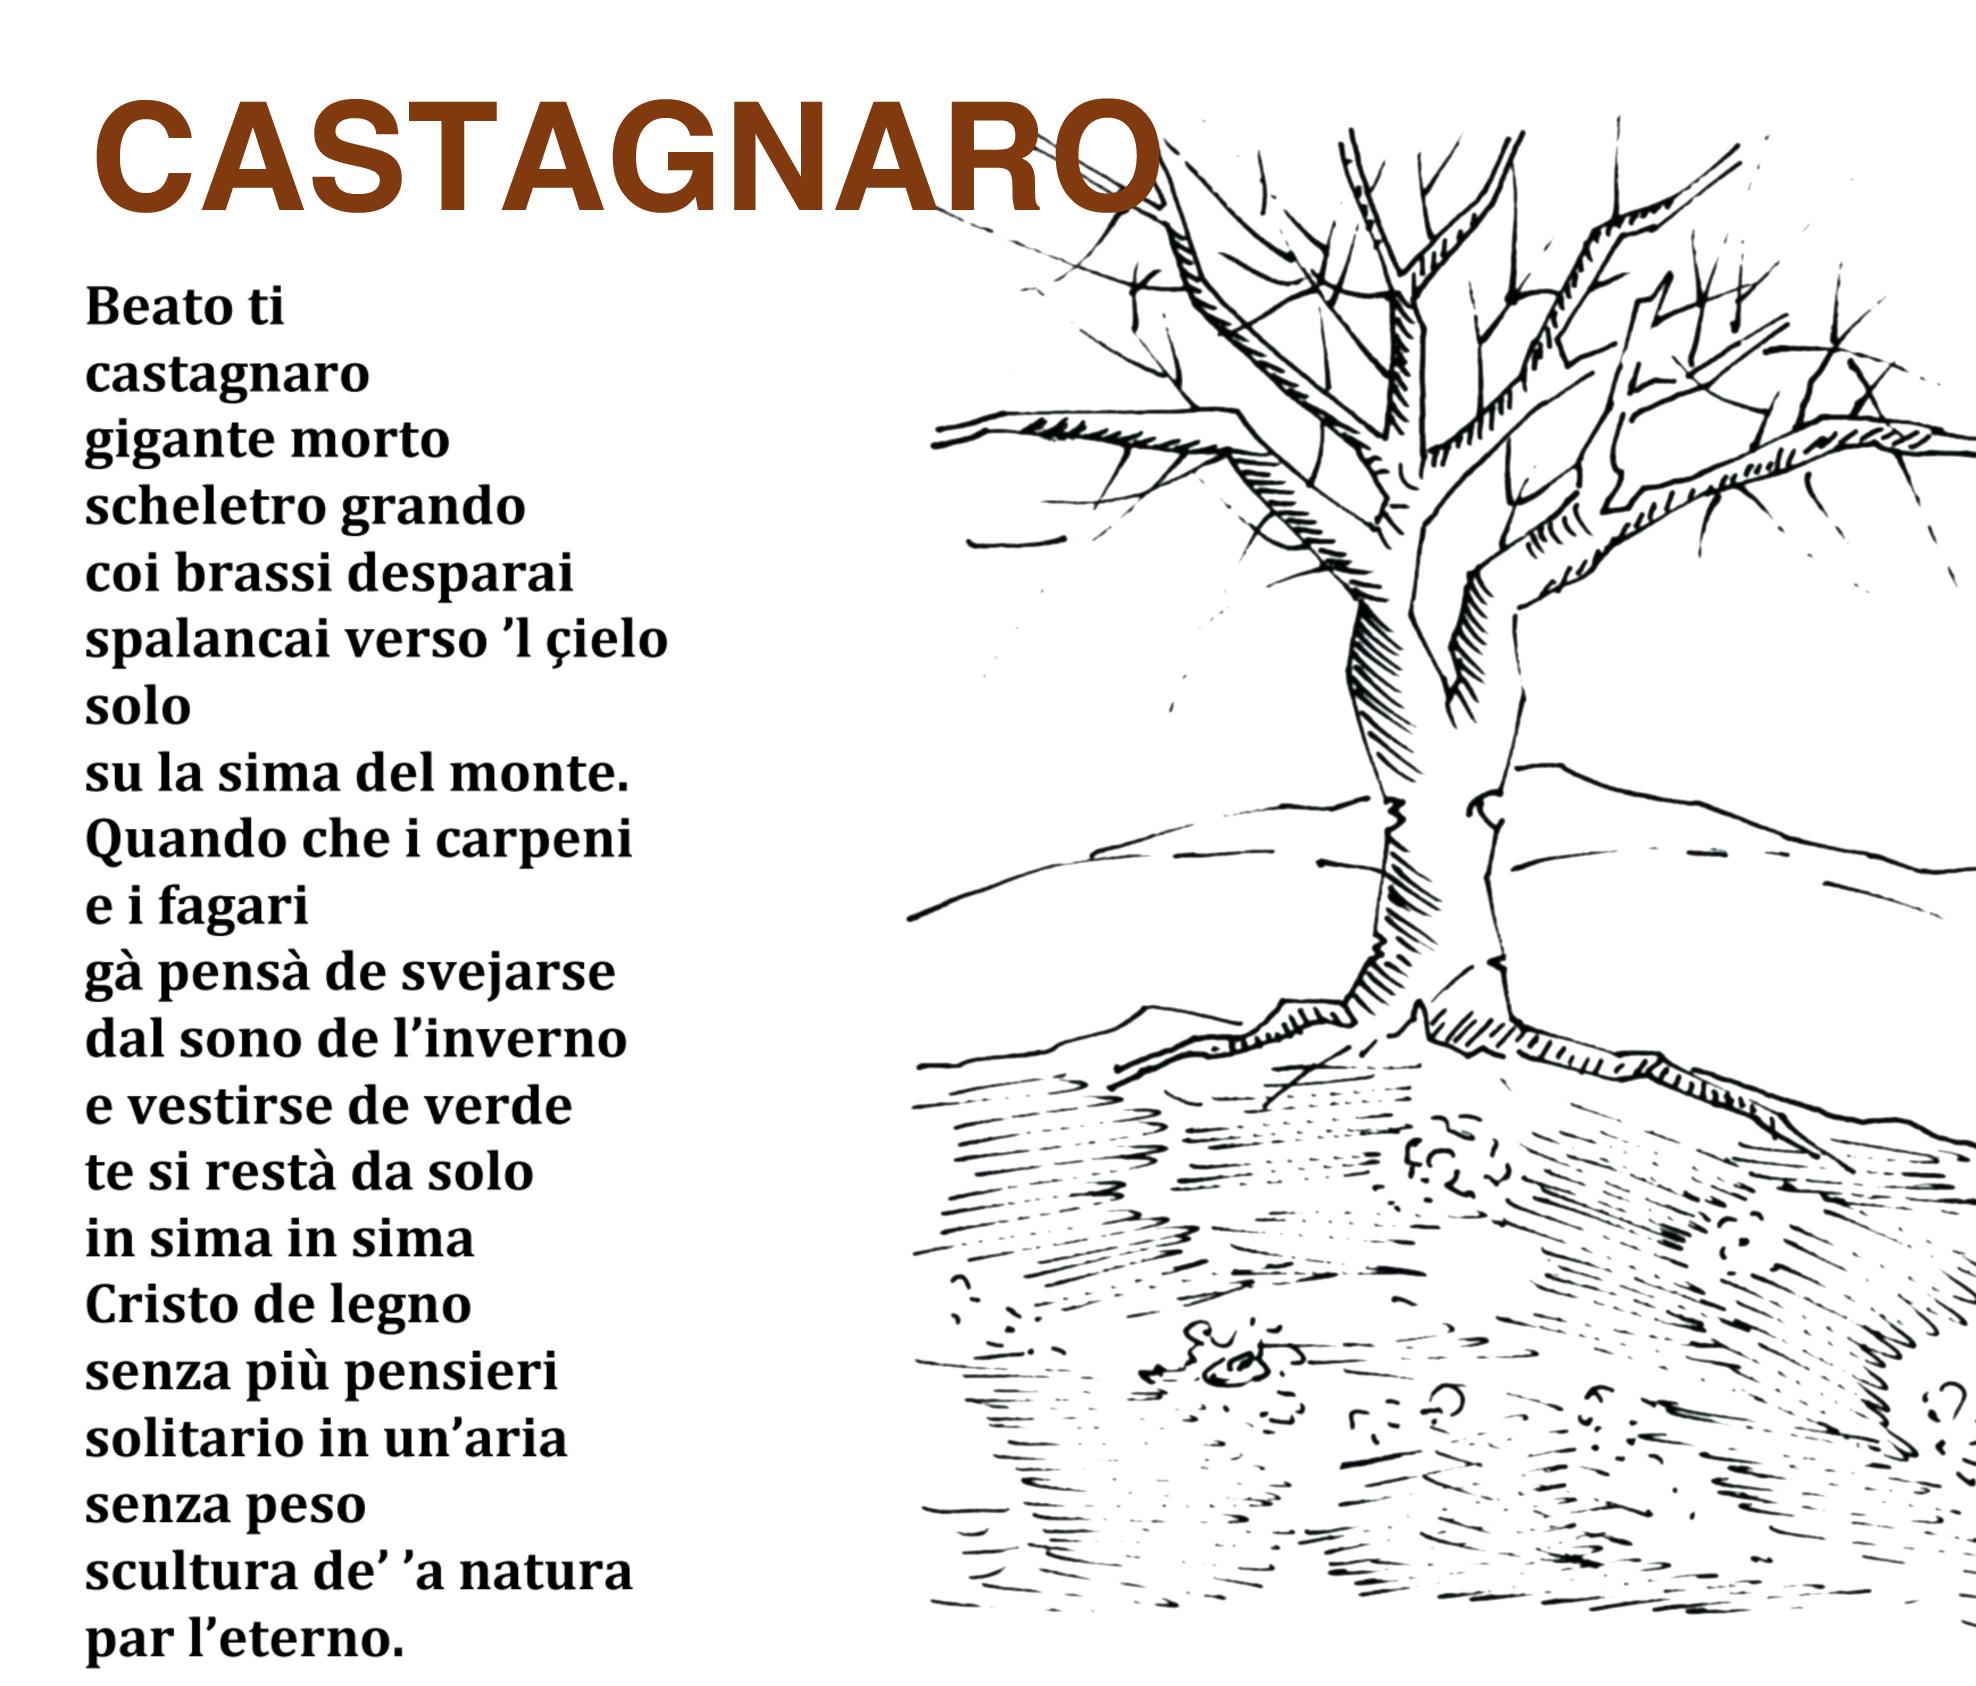 zz_-_pisto_-_castagnaro_-_tutto__copia